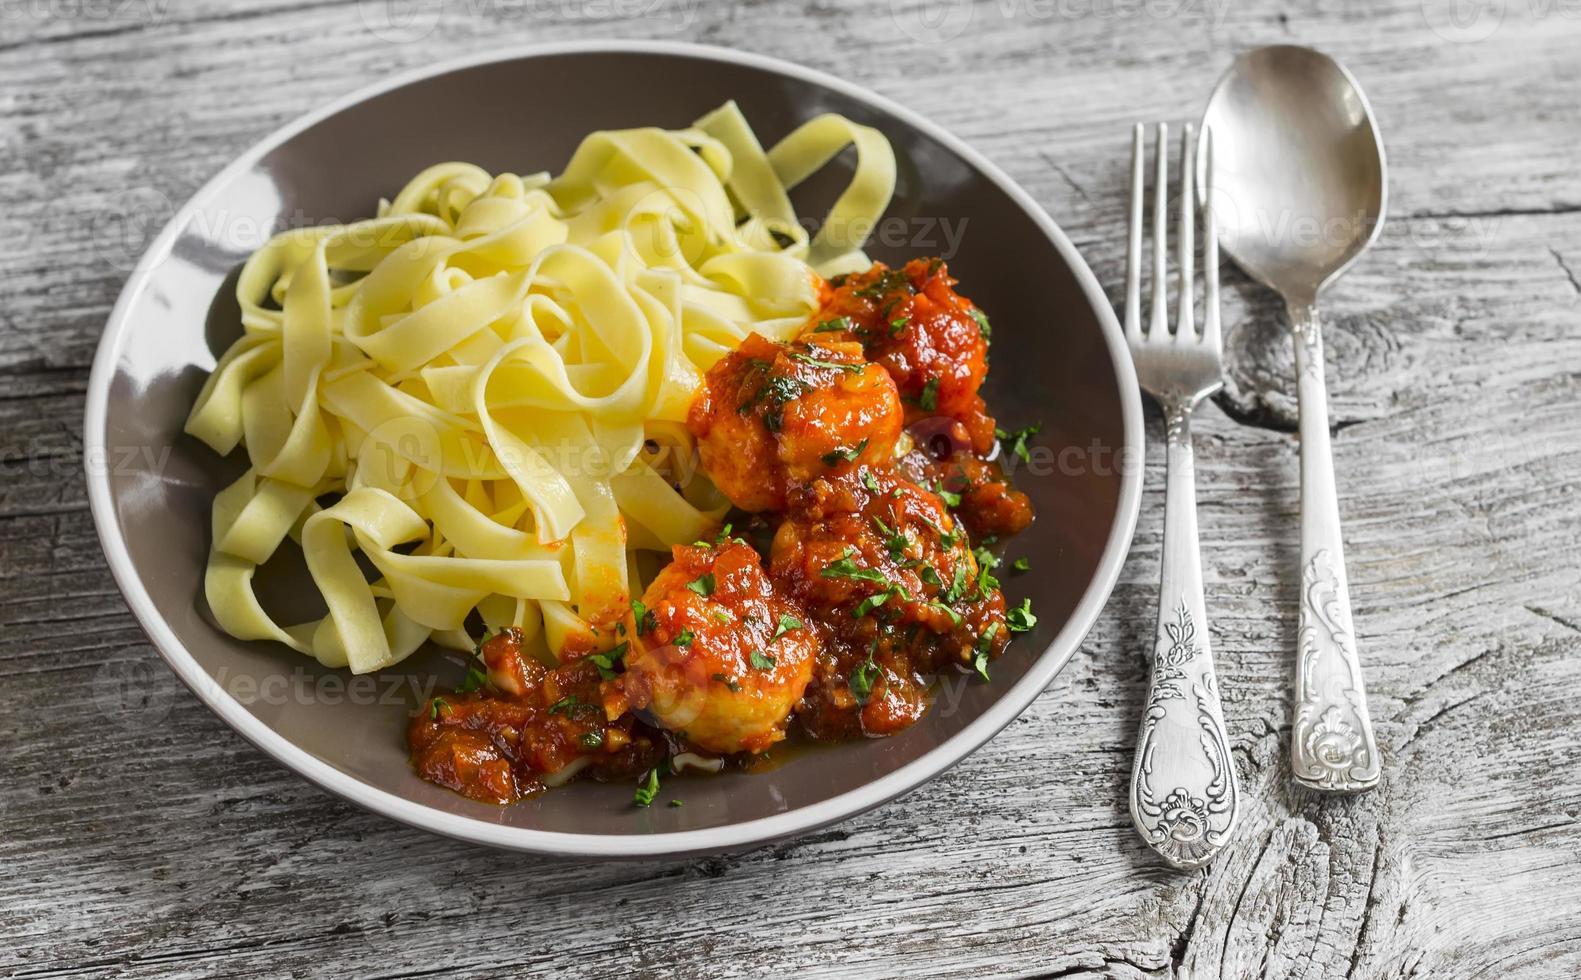 albóndigas de pollo en salsa de tomate y pasta fettuccine foto